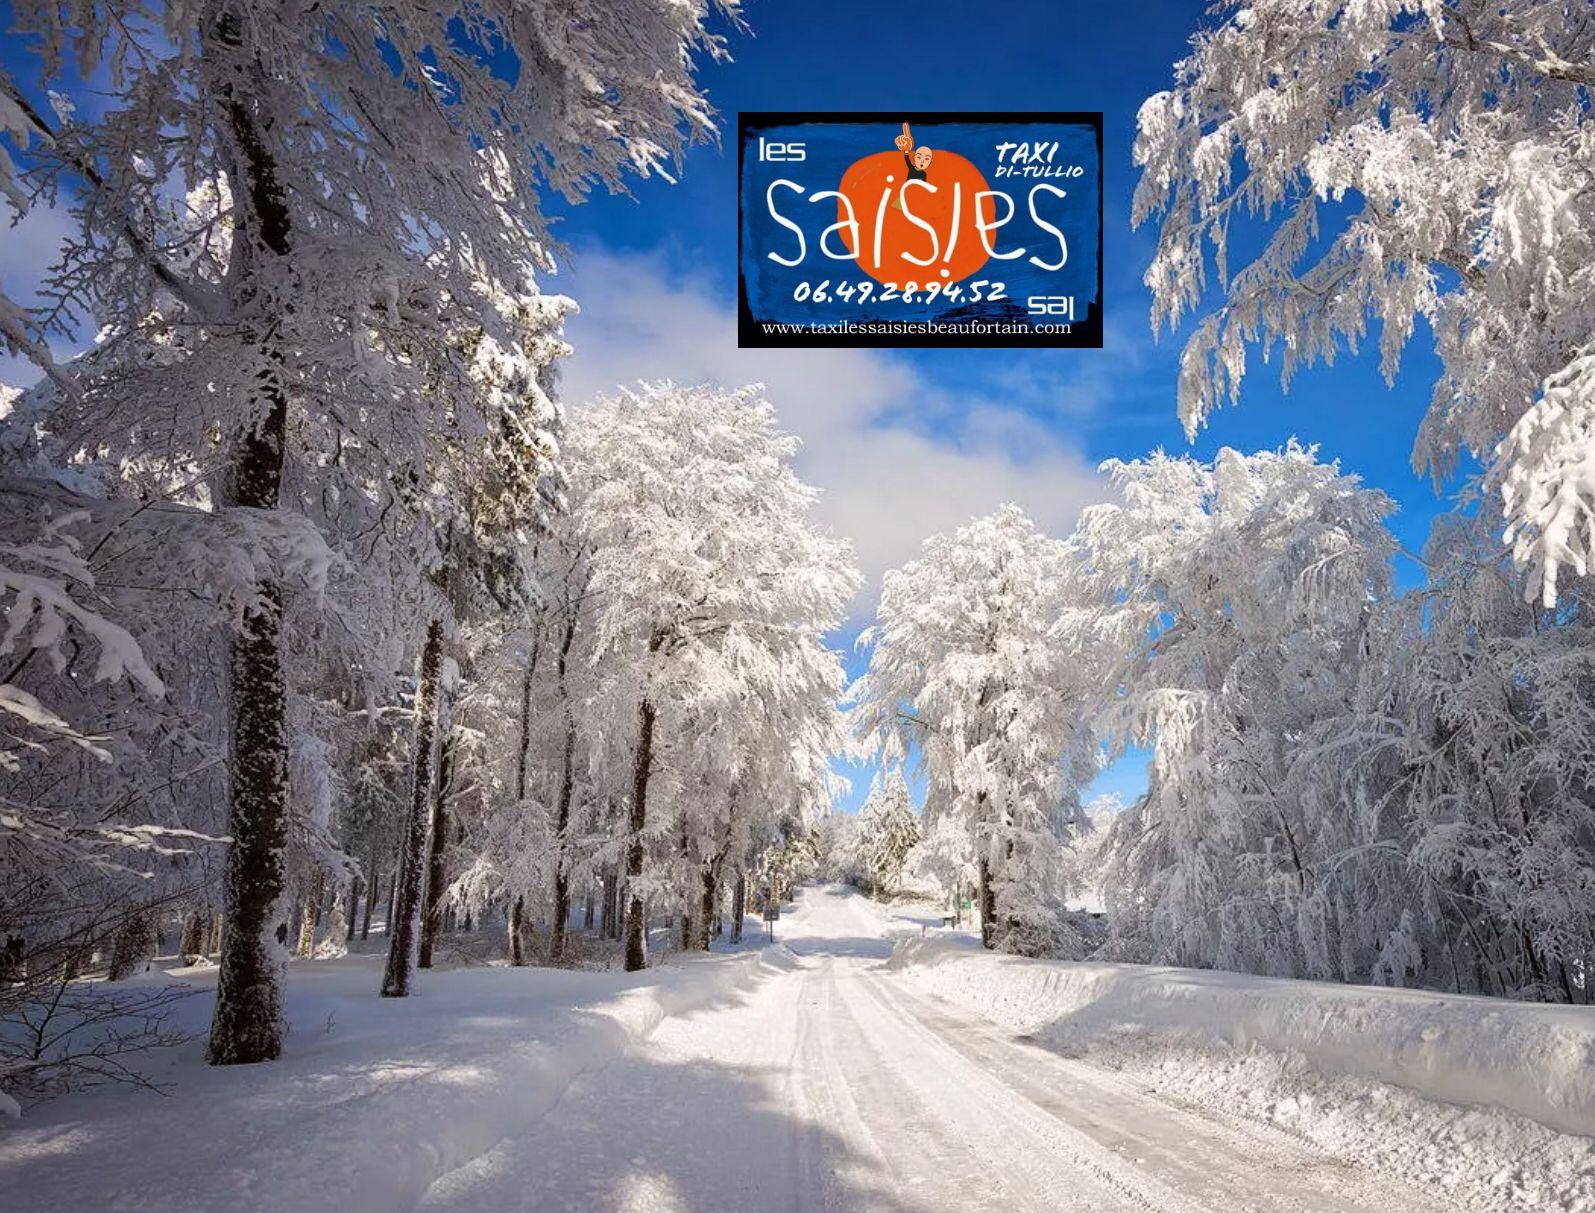 Les Saisies Village Tourisme Skiing Outdoor Taxi